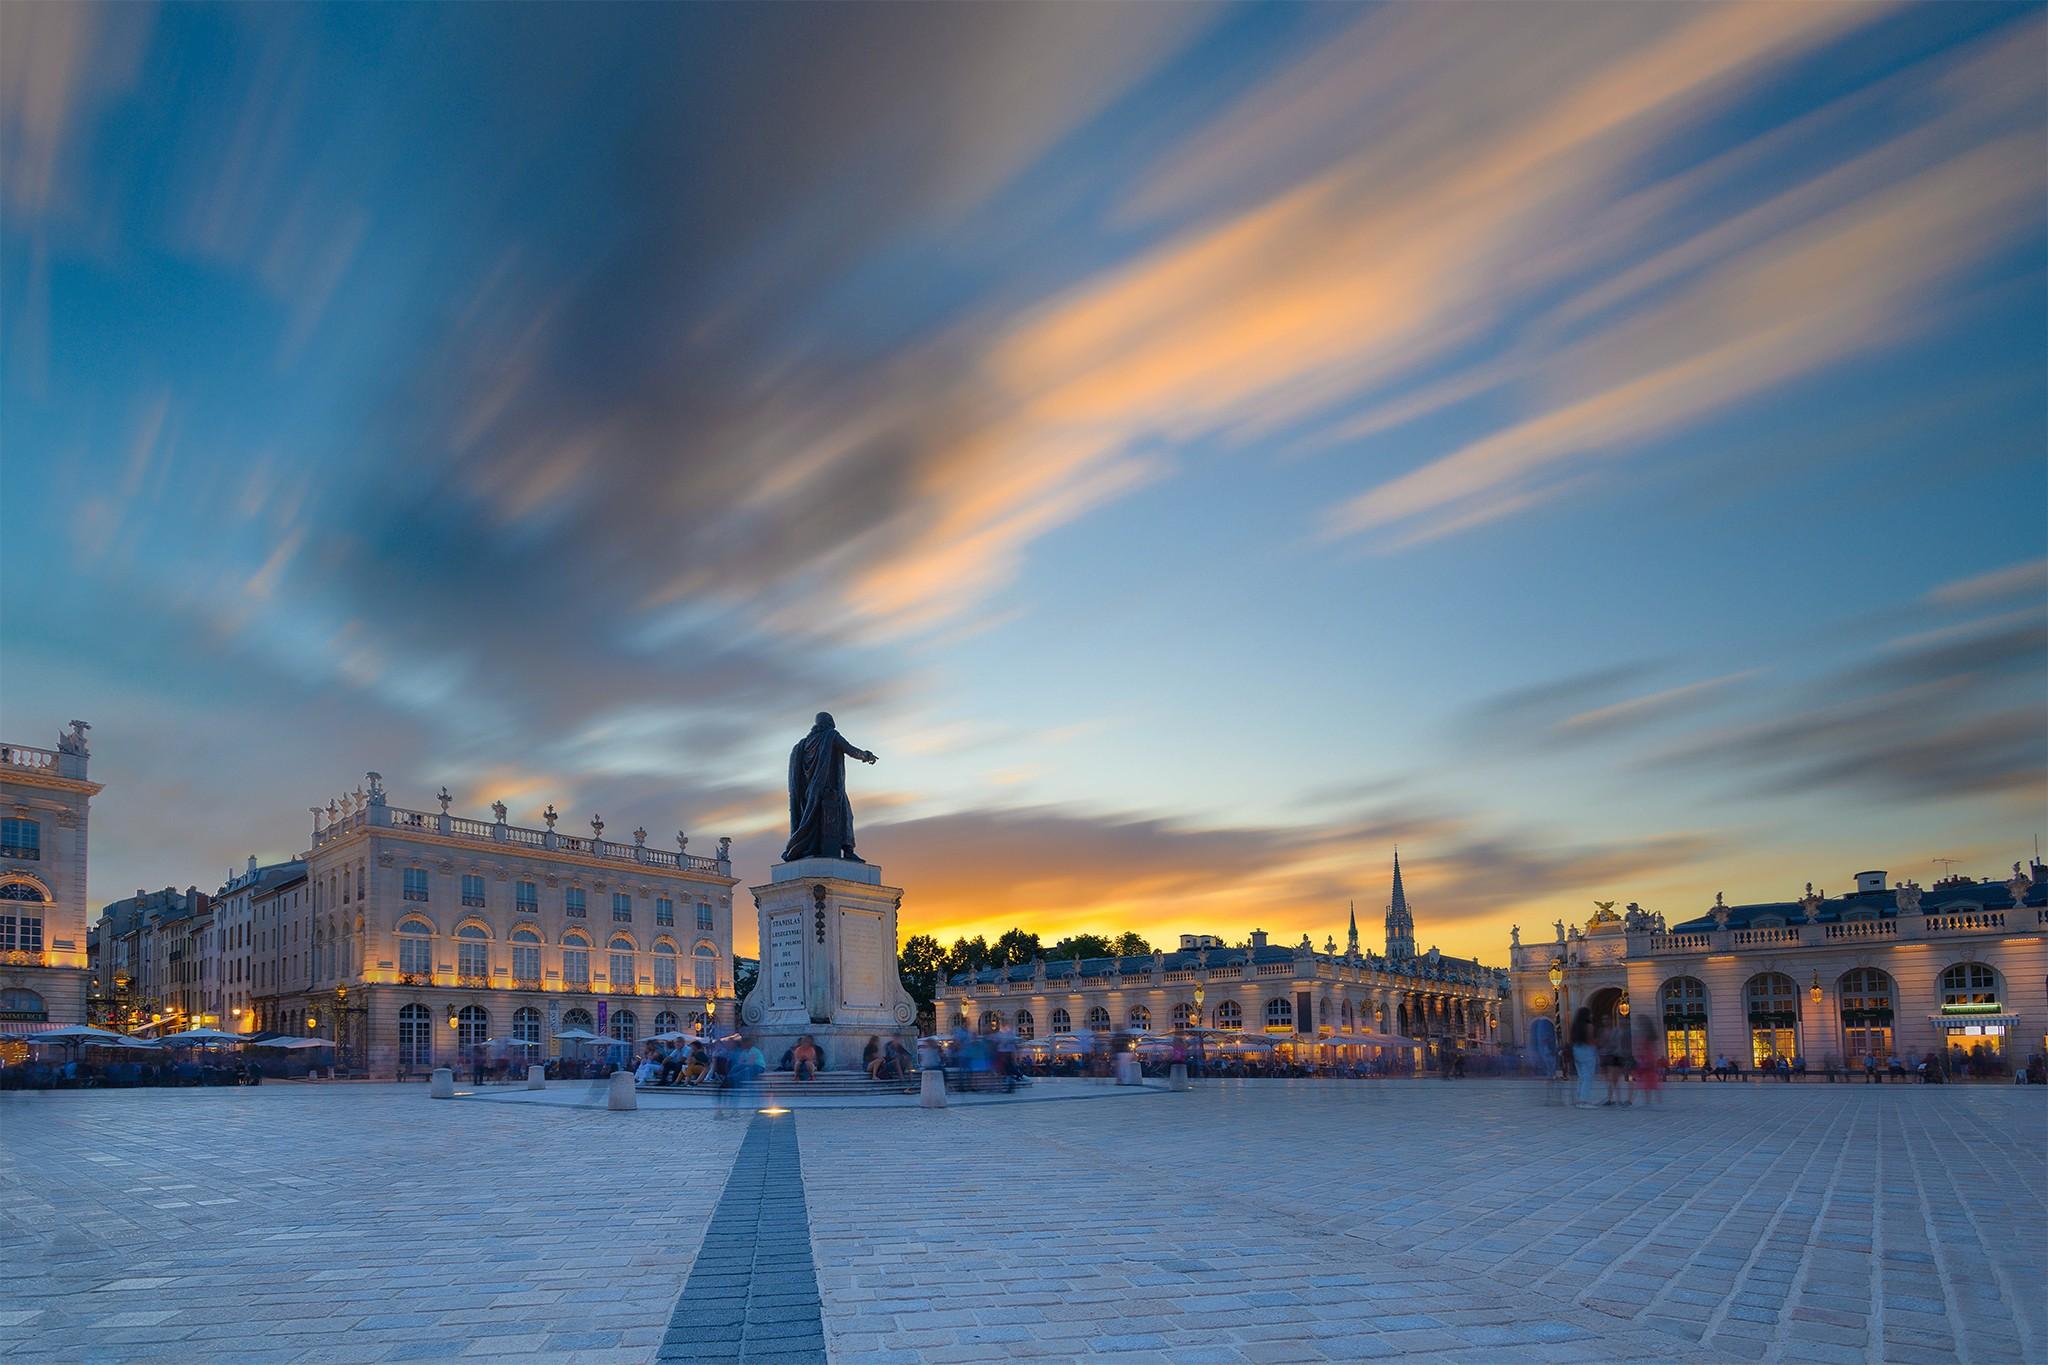 Pose longue au dessus de la Place Stanislas (soleil couchant) | Paysages urbains © Pierre ROLIN - Photographe Nancy - Lorraine / Grand Est